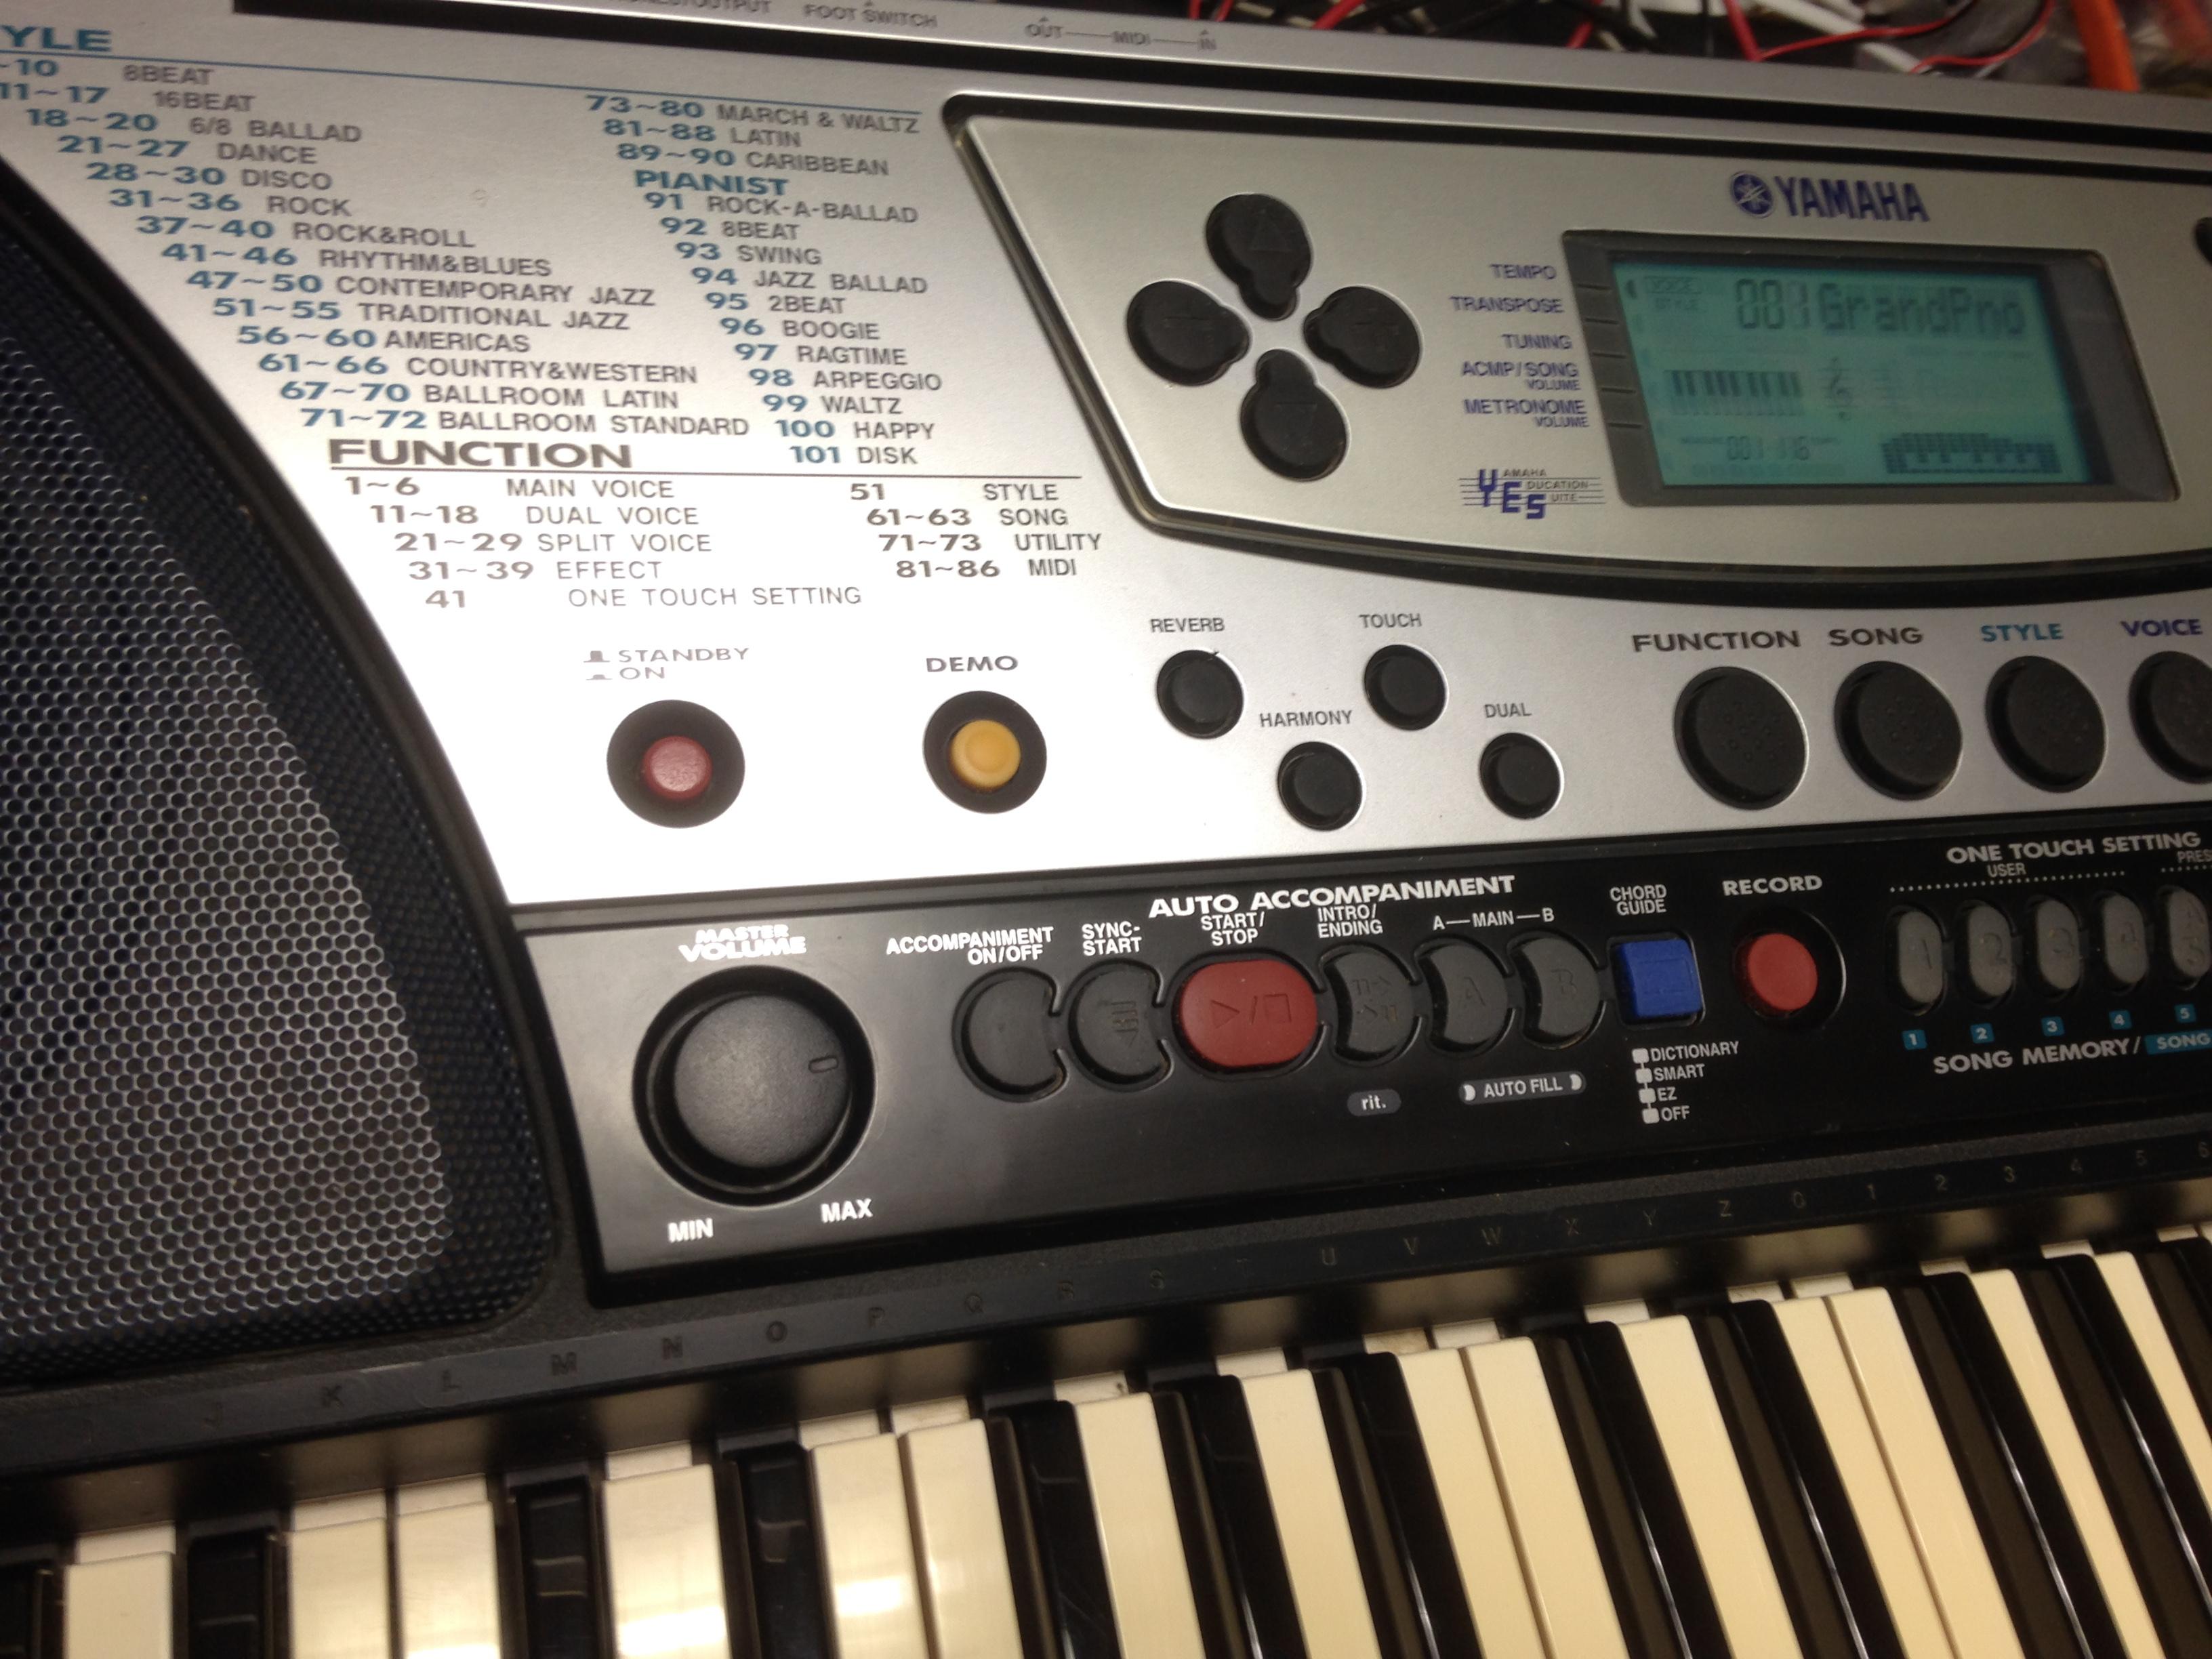 yamaha psr 340 image 2091660 audiofanzine rh en audiofanzine com yamaha psr 340 service manual Yamaha PSR S750